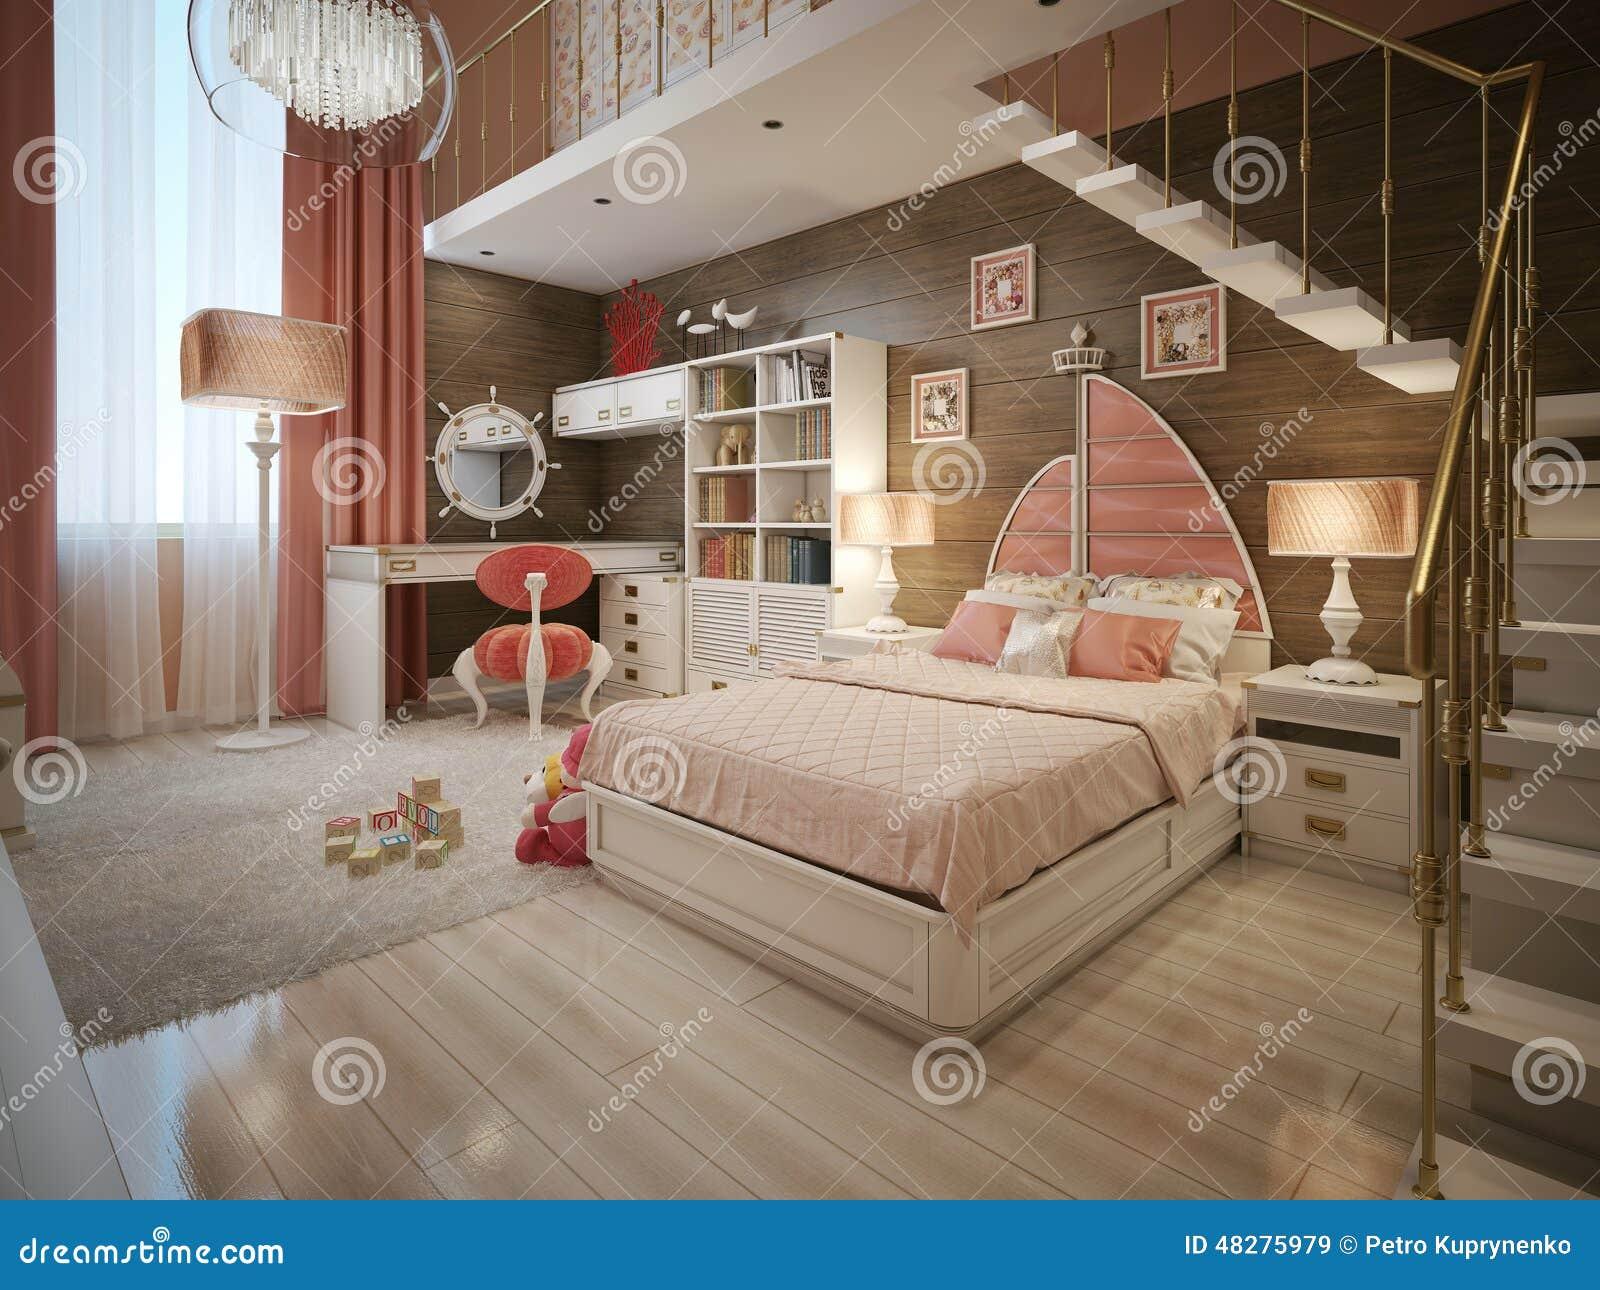 Chambre coucher de filles dans le style n oclassique illustration stock image 48275979 - Arredamento camera ragazza ...